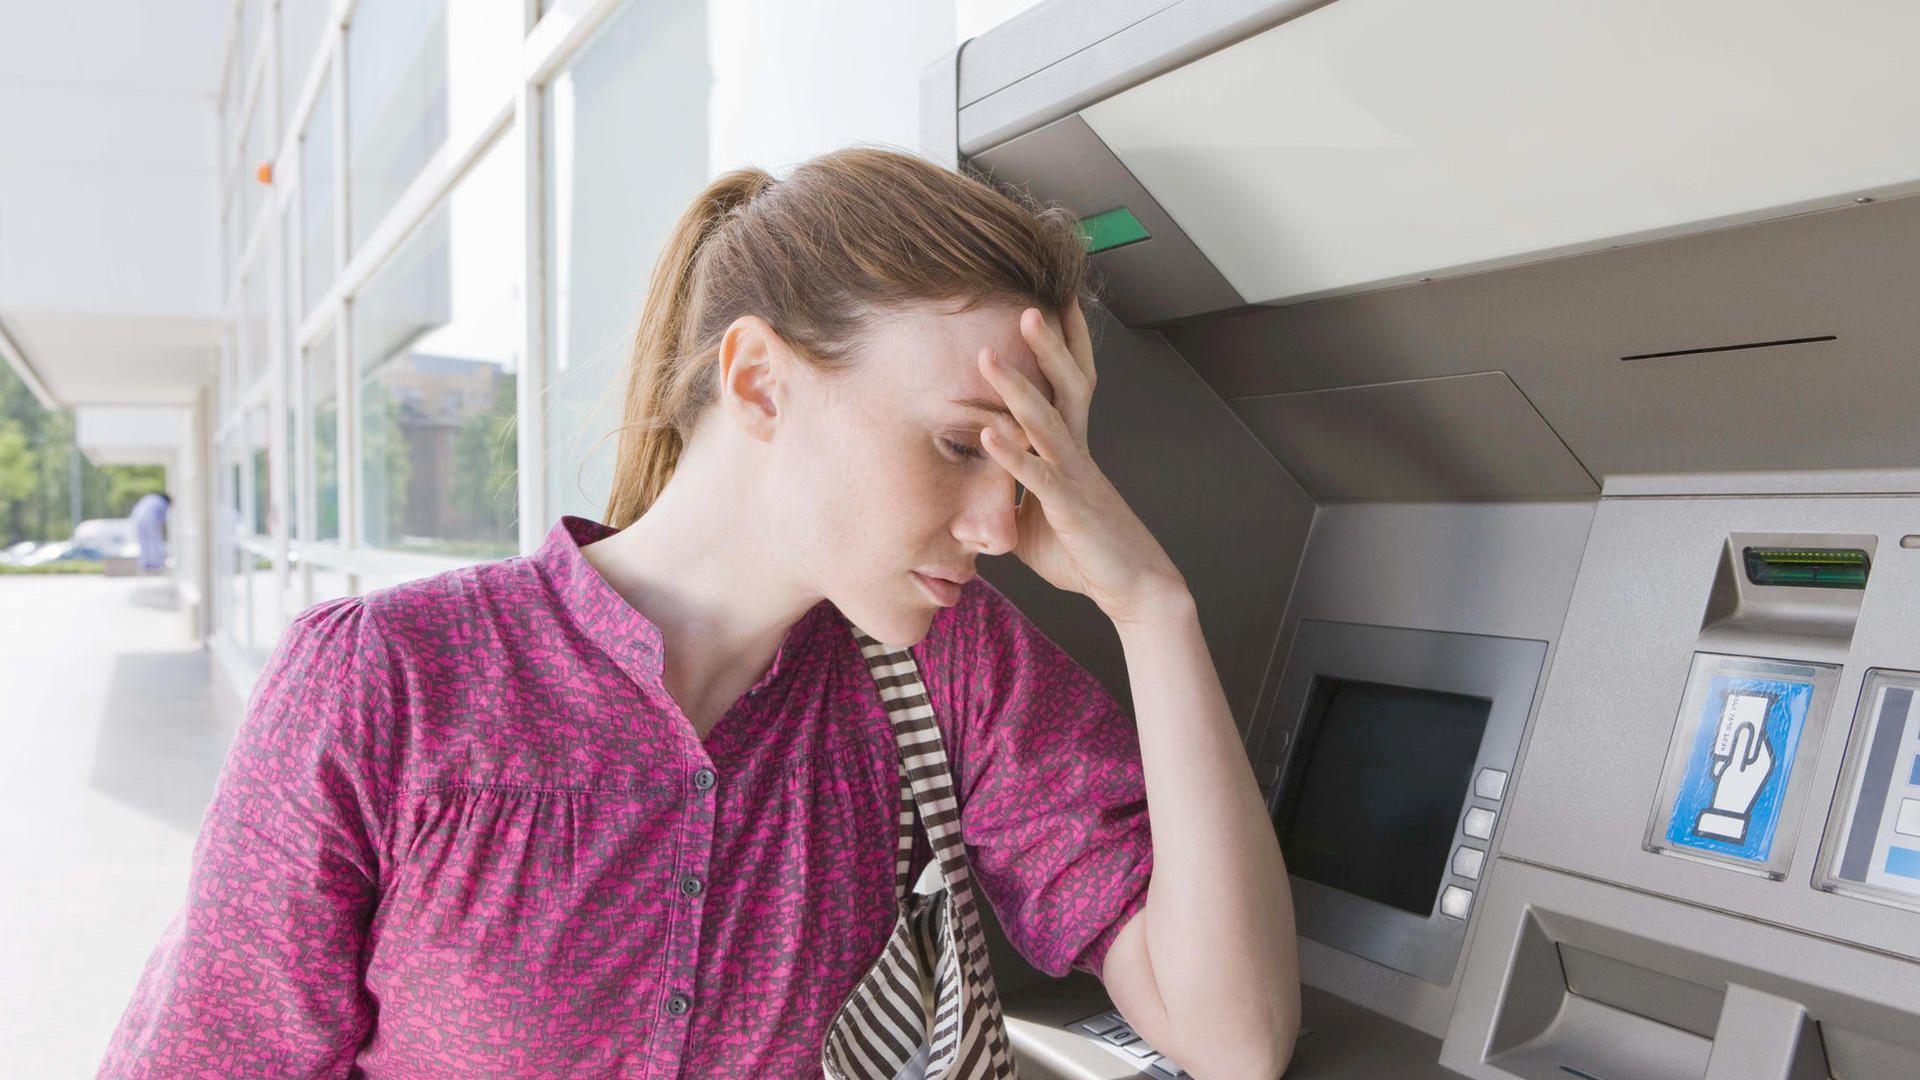 Банкомат не выдал деньги, но списал со счета